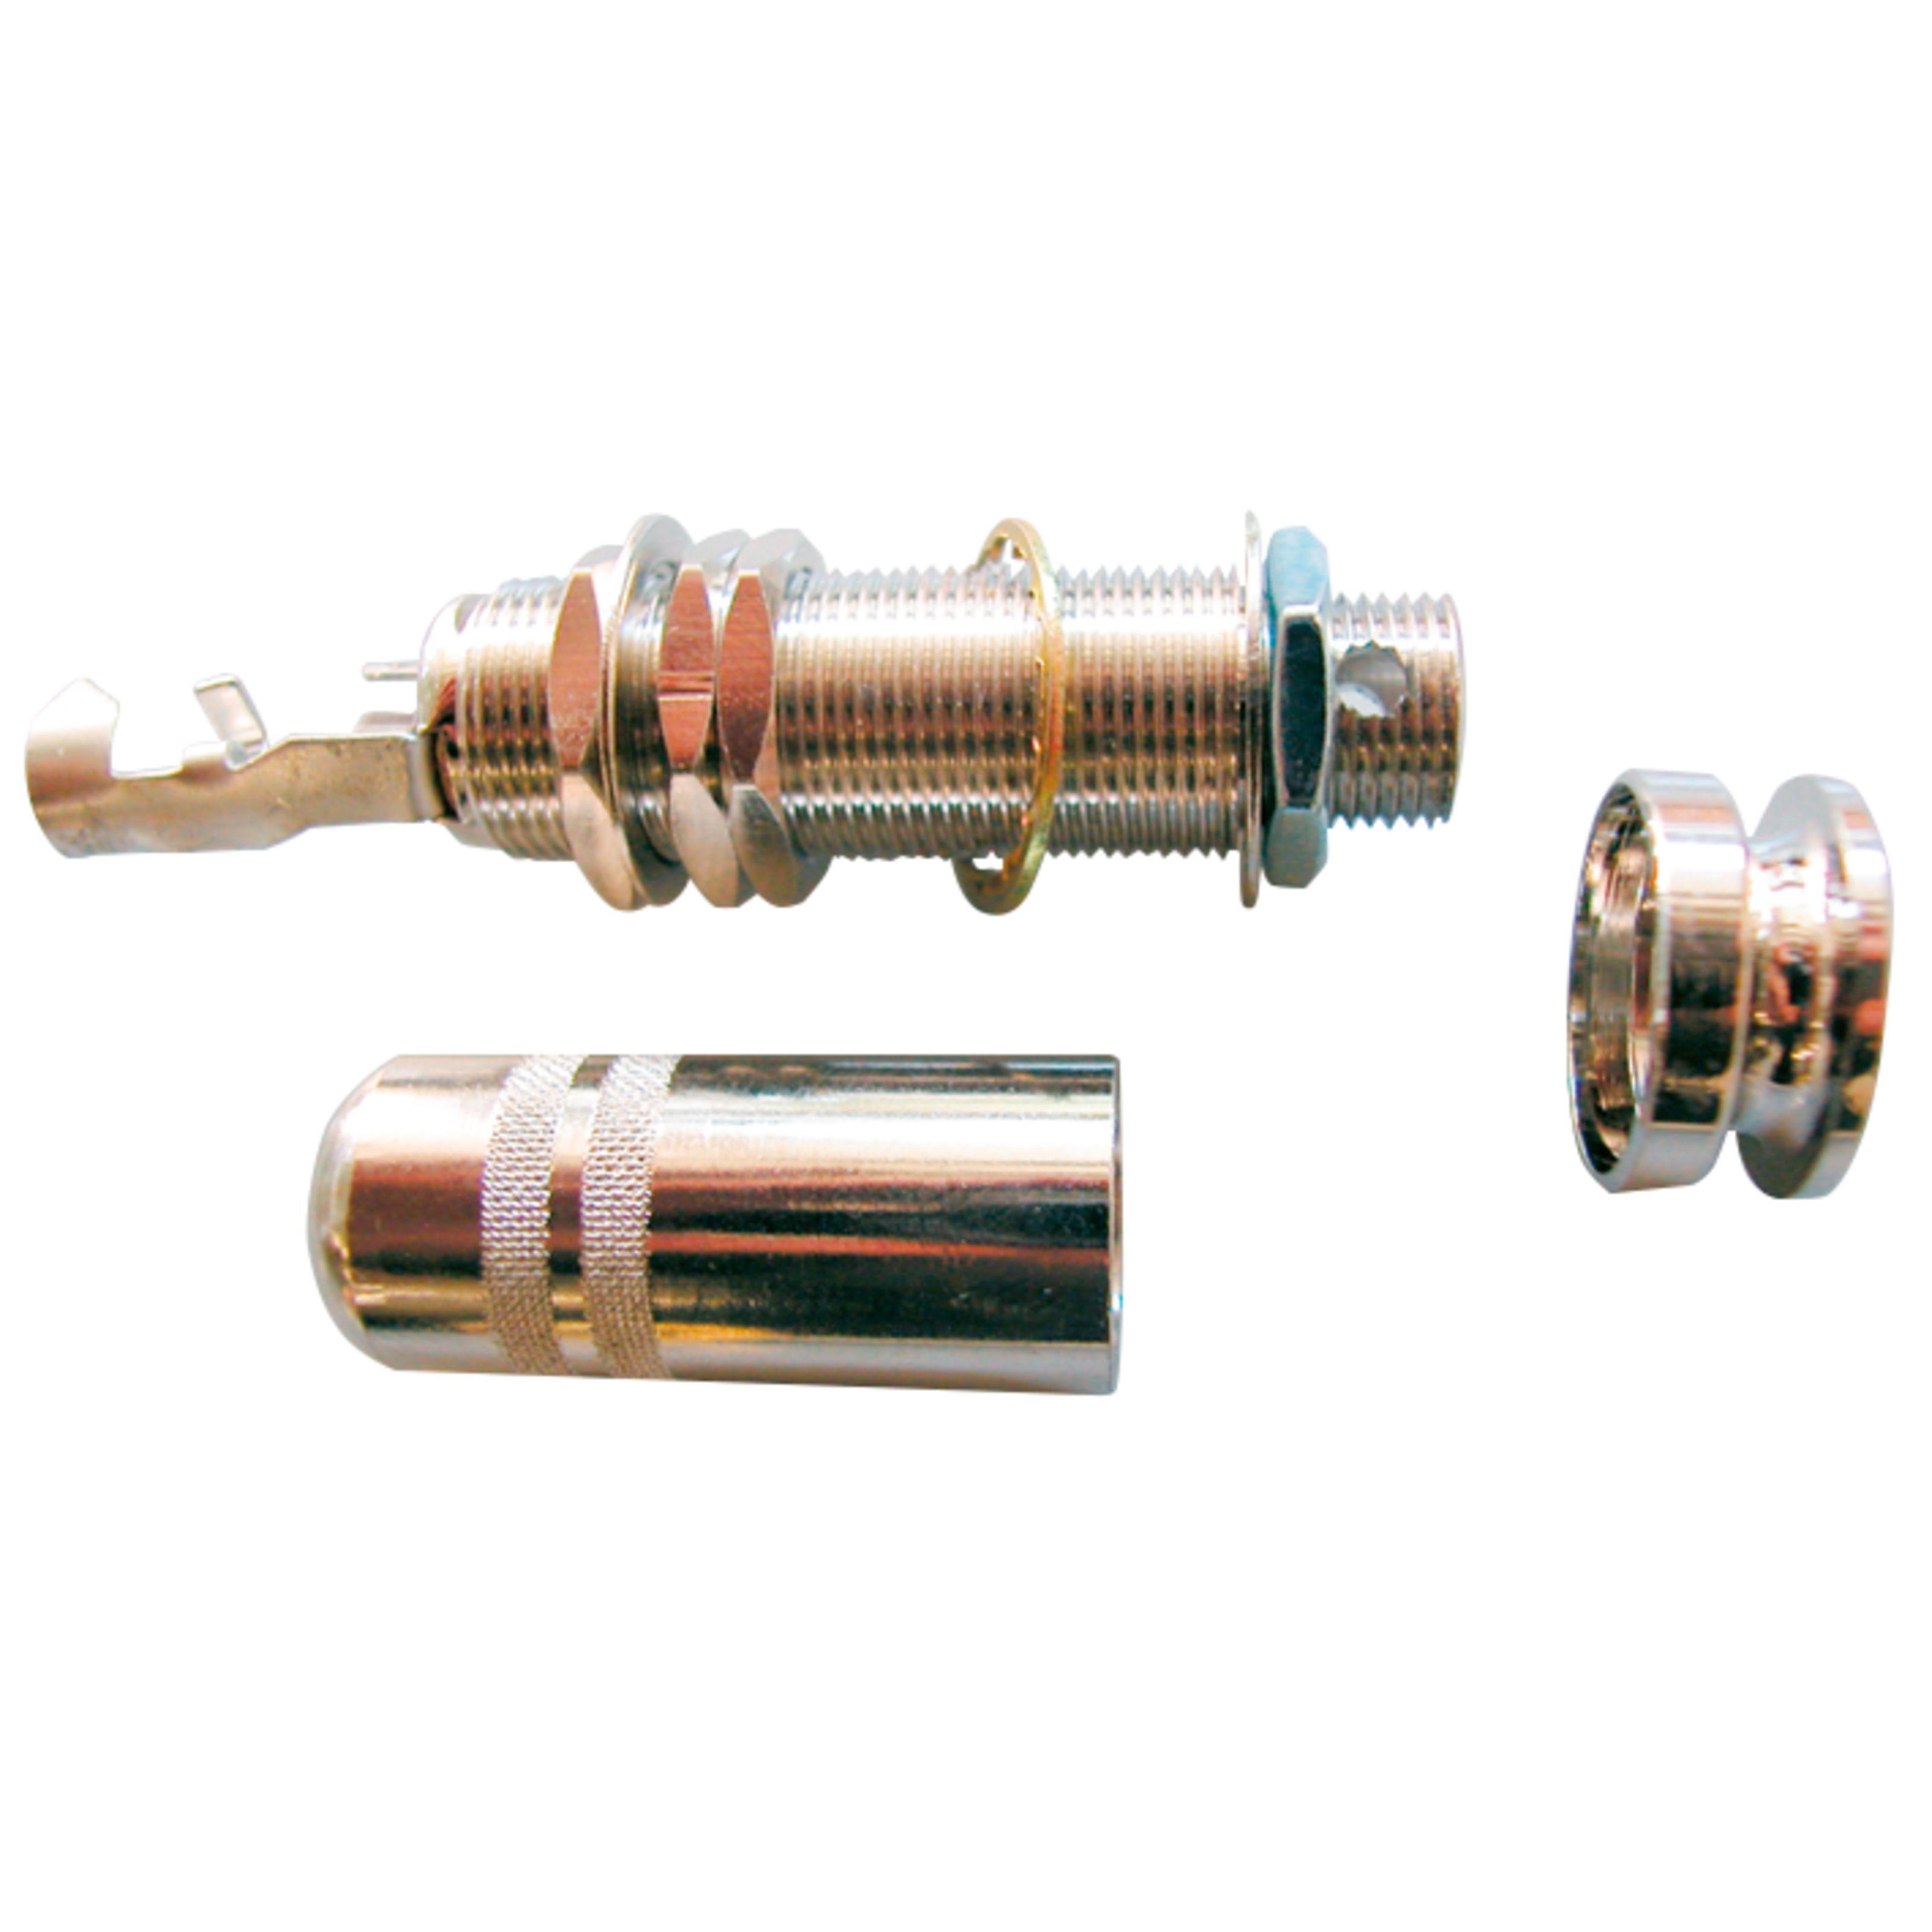 Göldo - Rohr buchse Switchcraft stereo Buchse und Gurtknopf zugleich JA00C